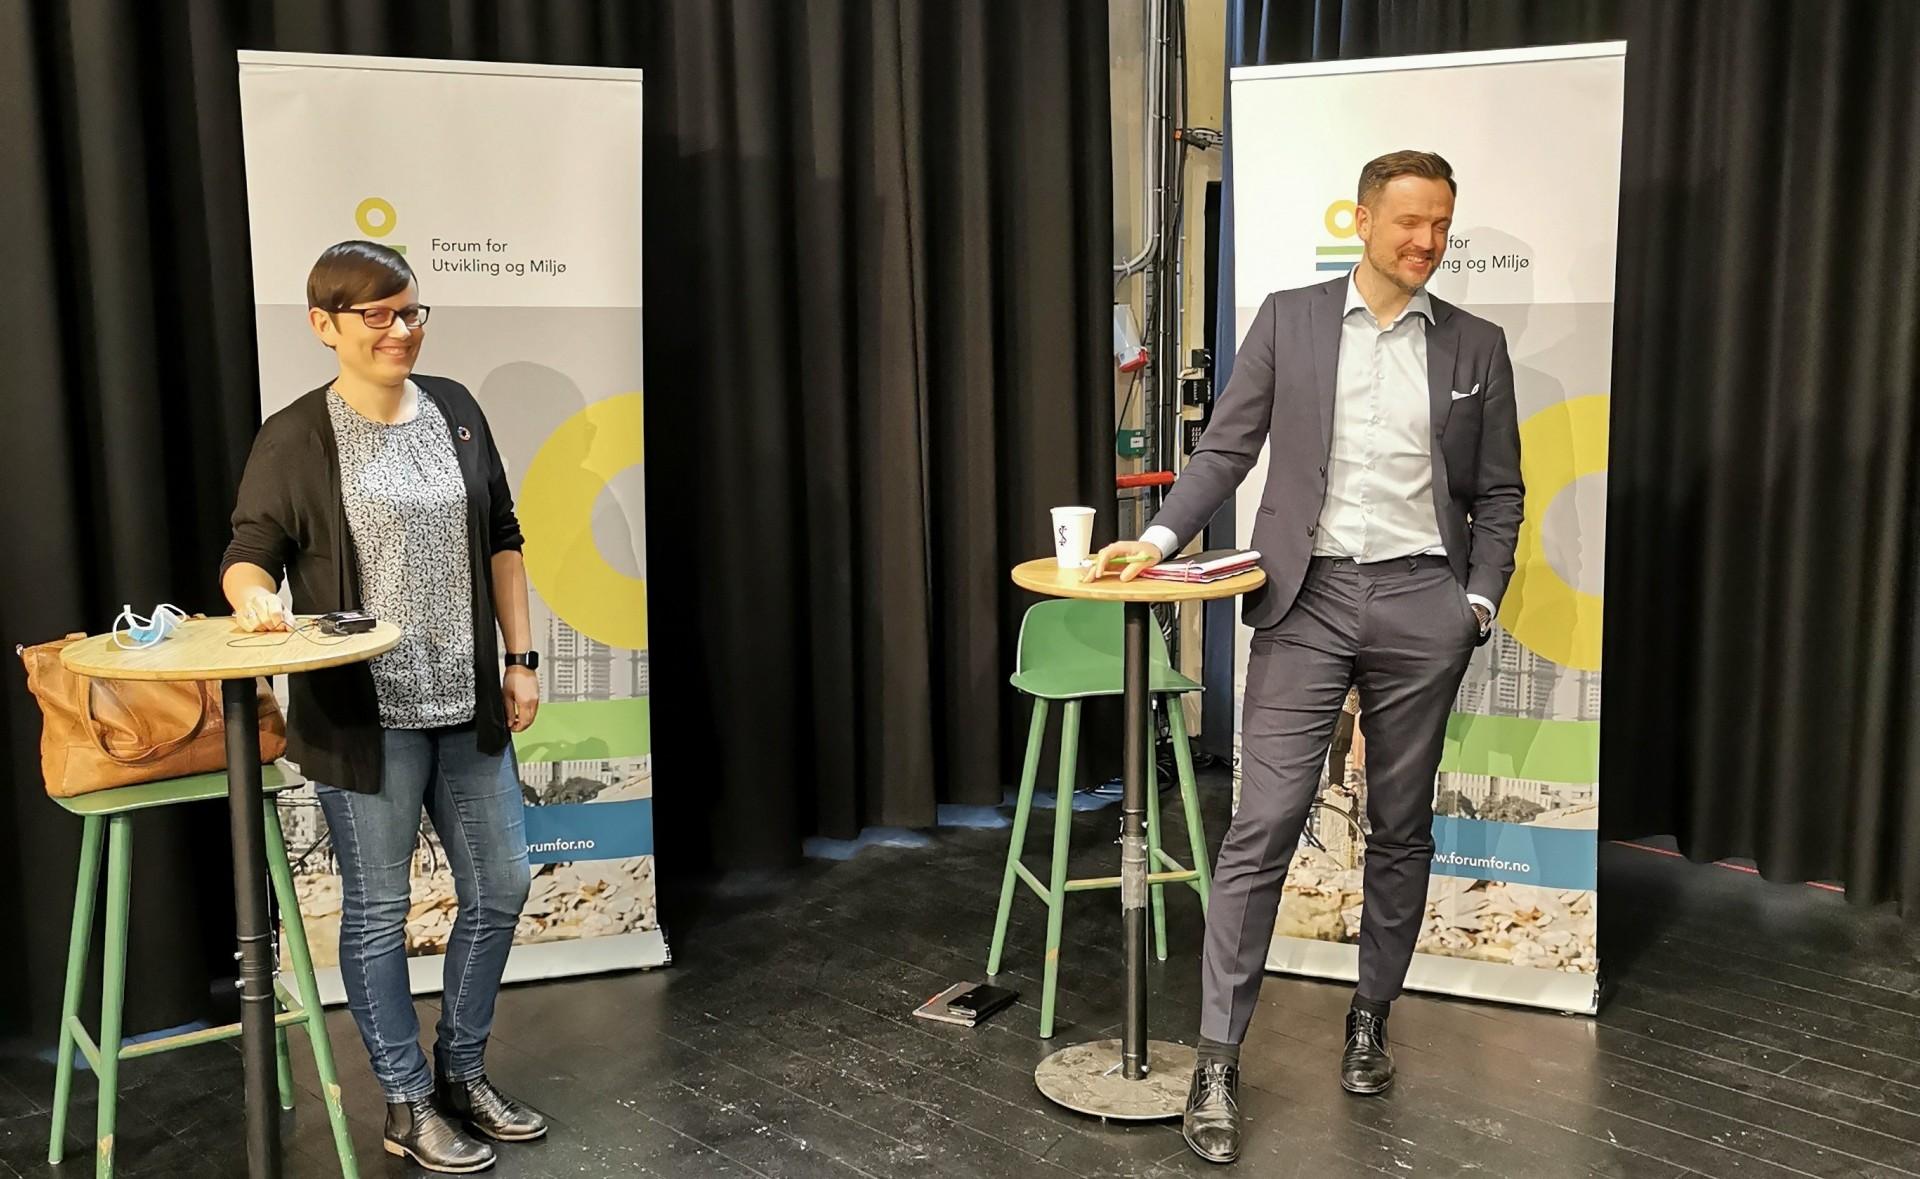 Dag-Inge Ulstein: – Sivilsamfunnet er utrolig viktig